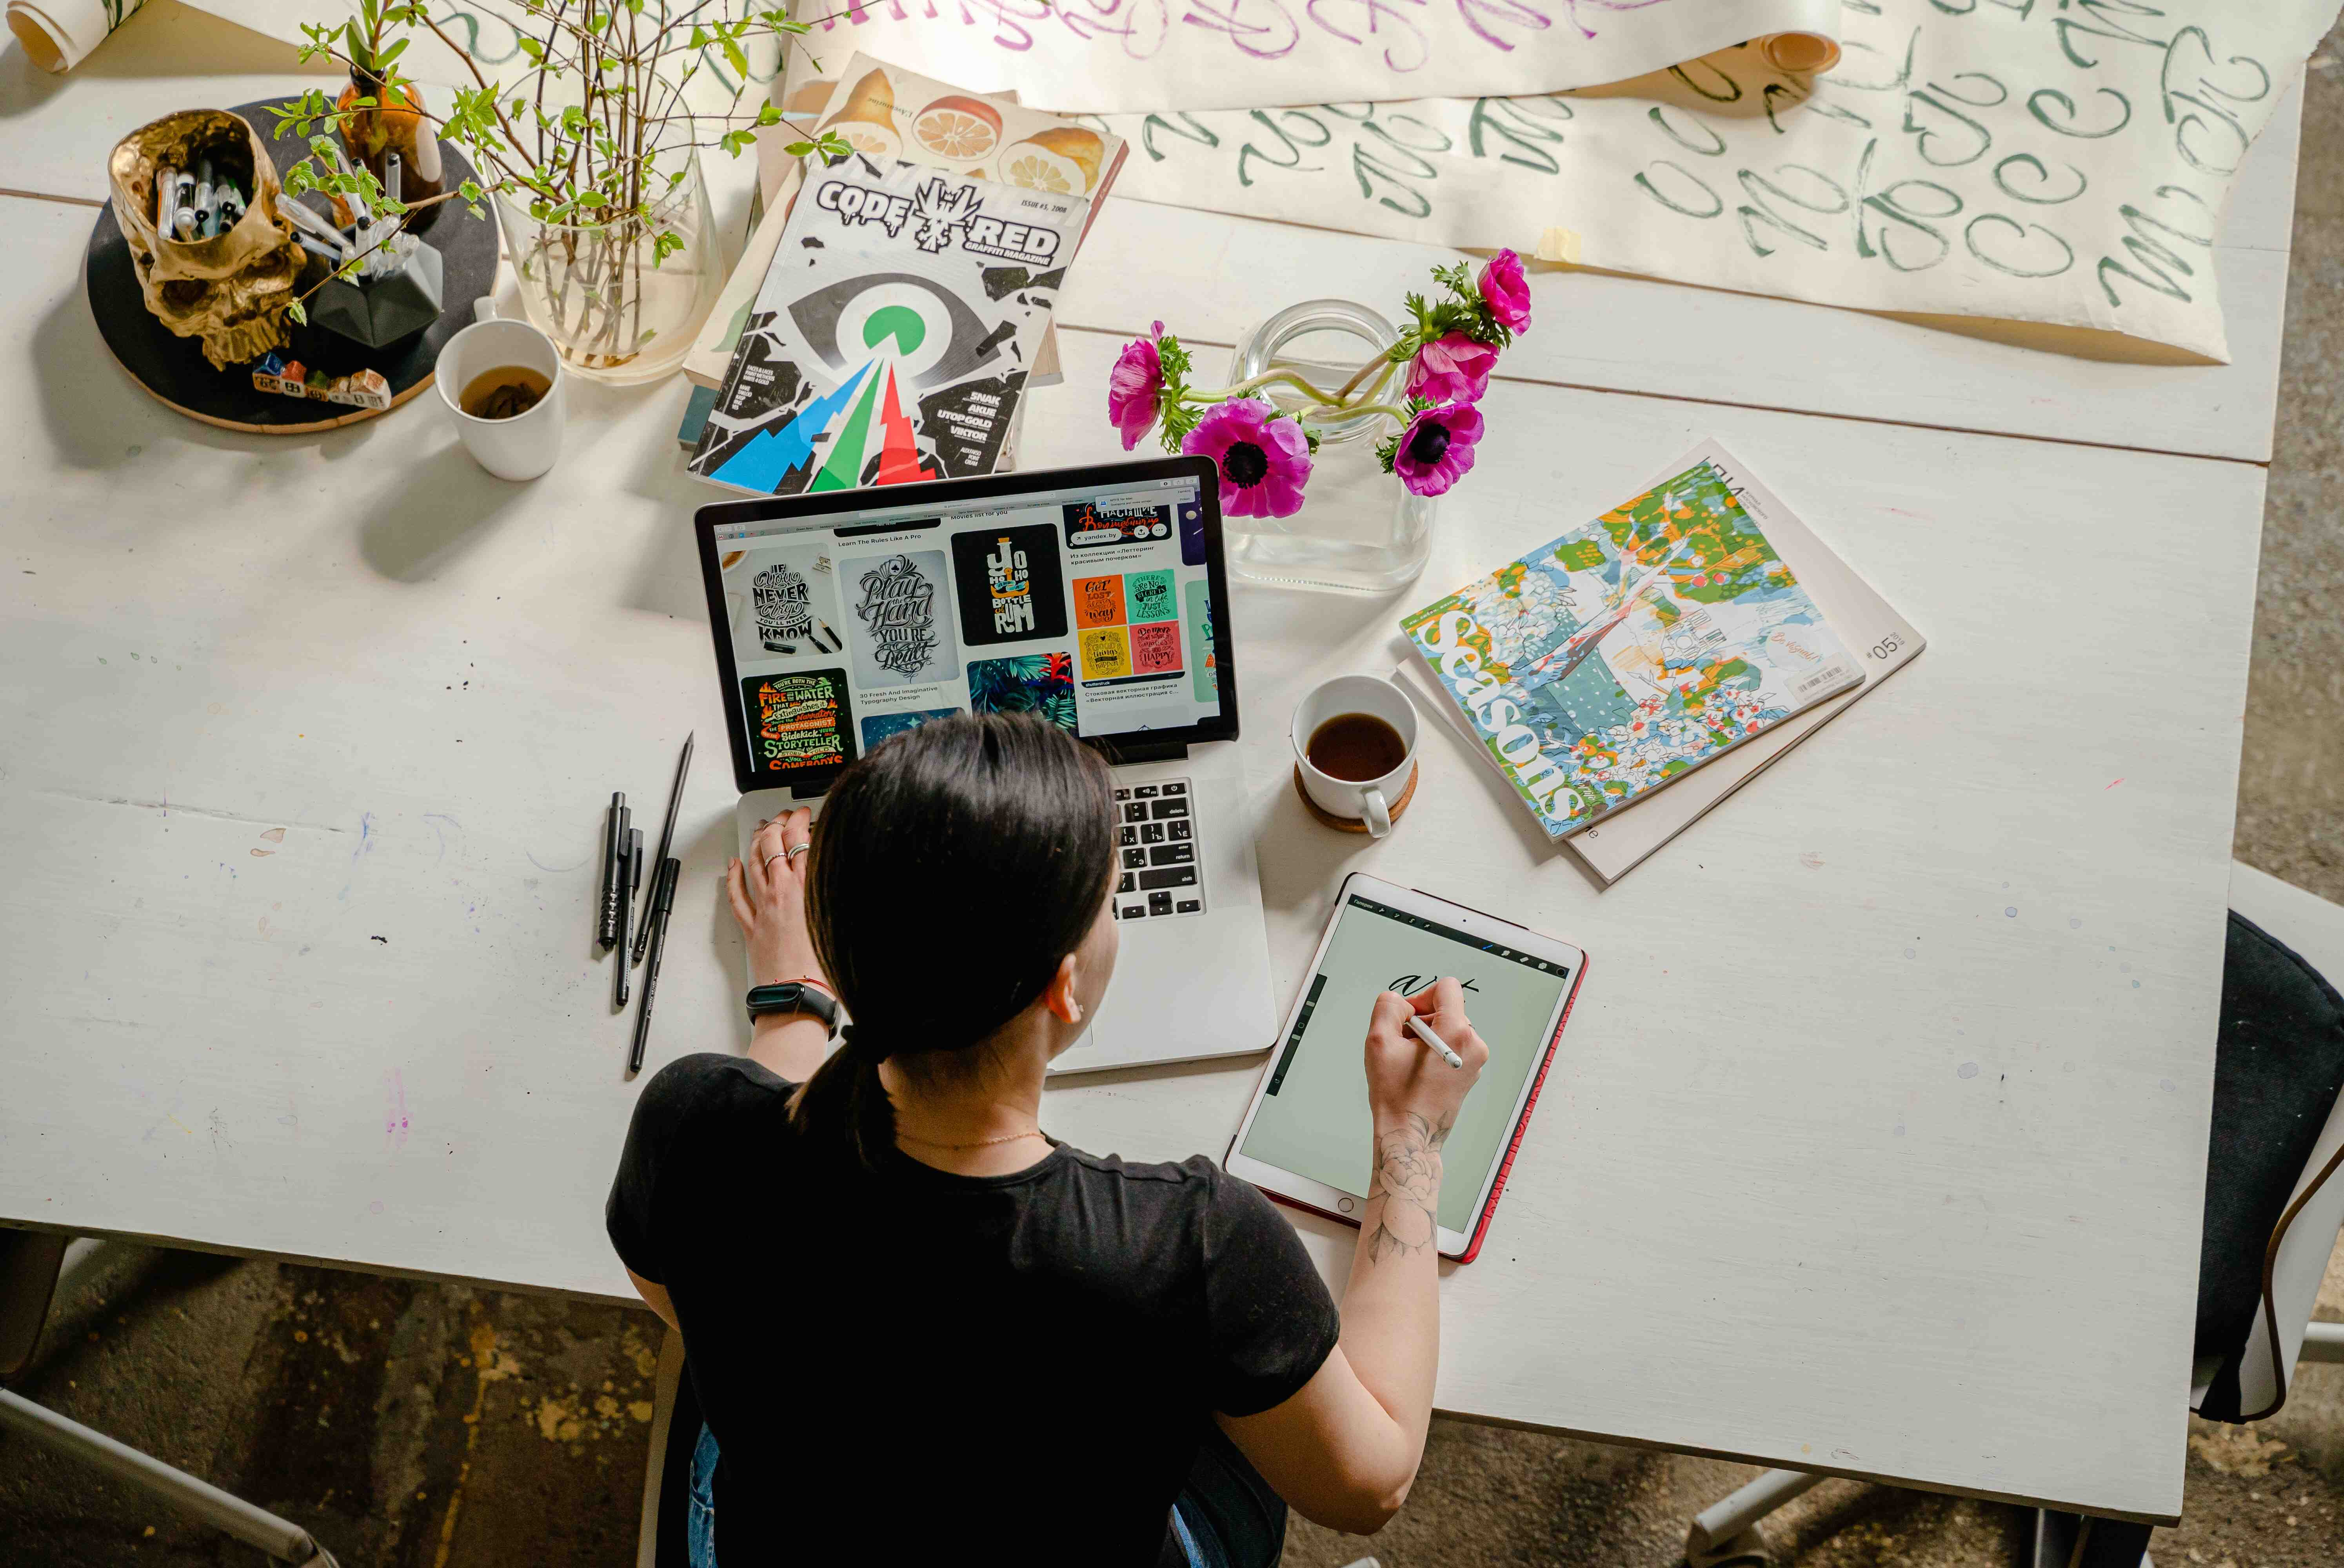 Öğrenci Kariyeri - Kültür & Sanat: Tasarımcılara İlham Olacak 4 Sayfa Önerisi